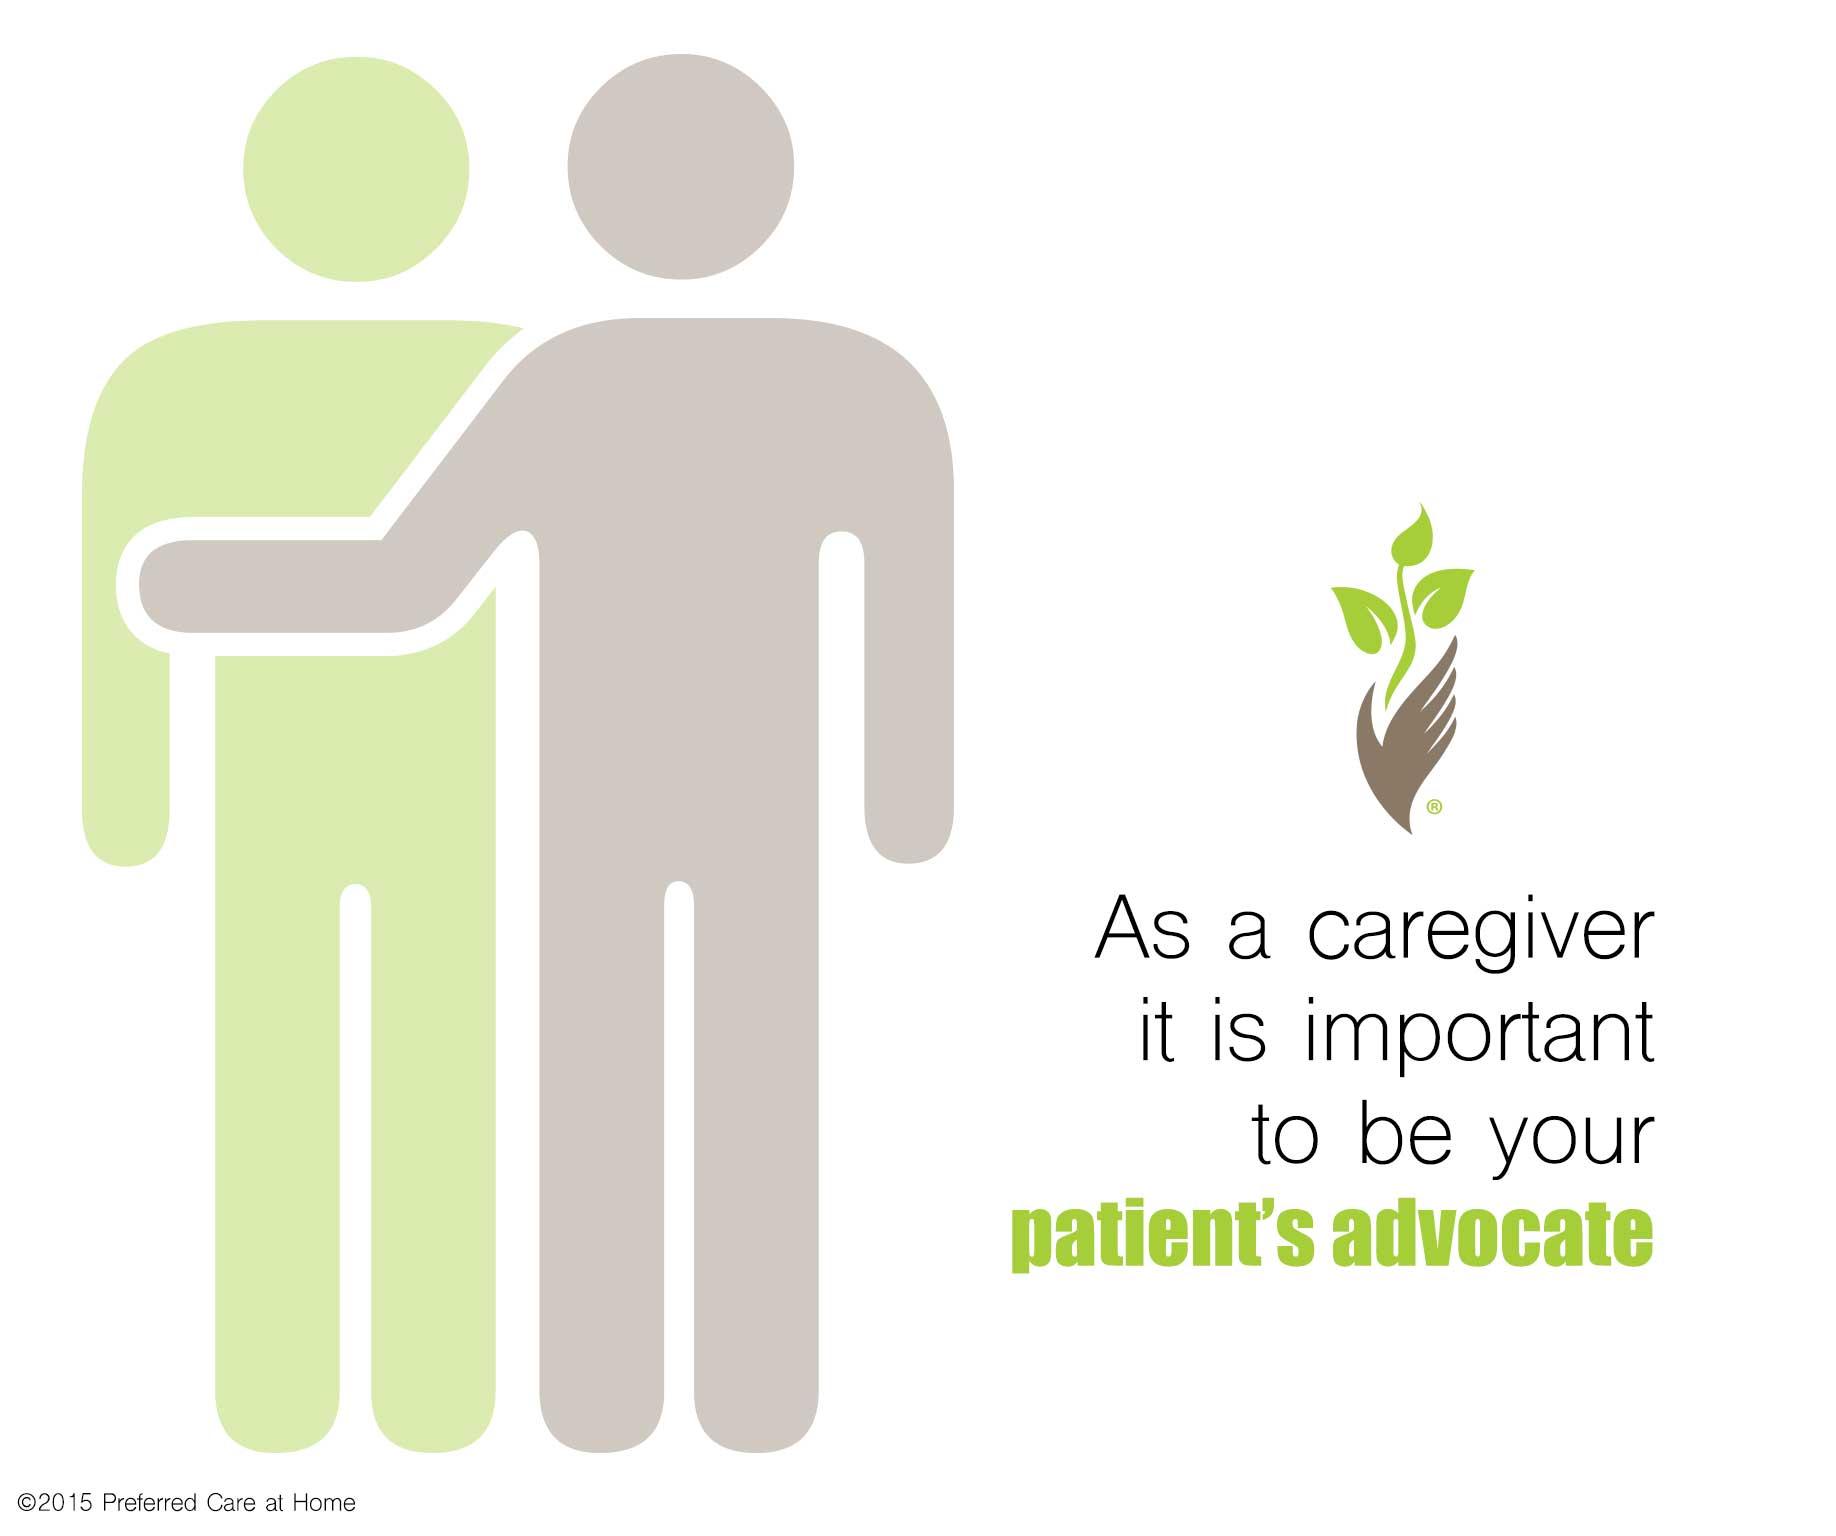 Caregiver - Patient's Advocate